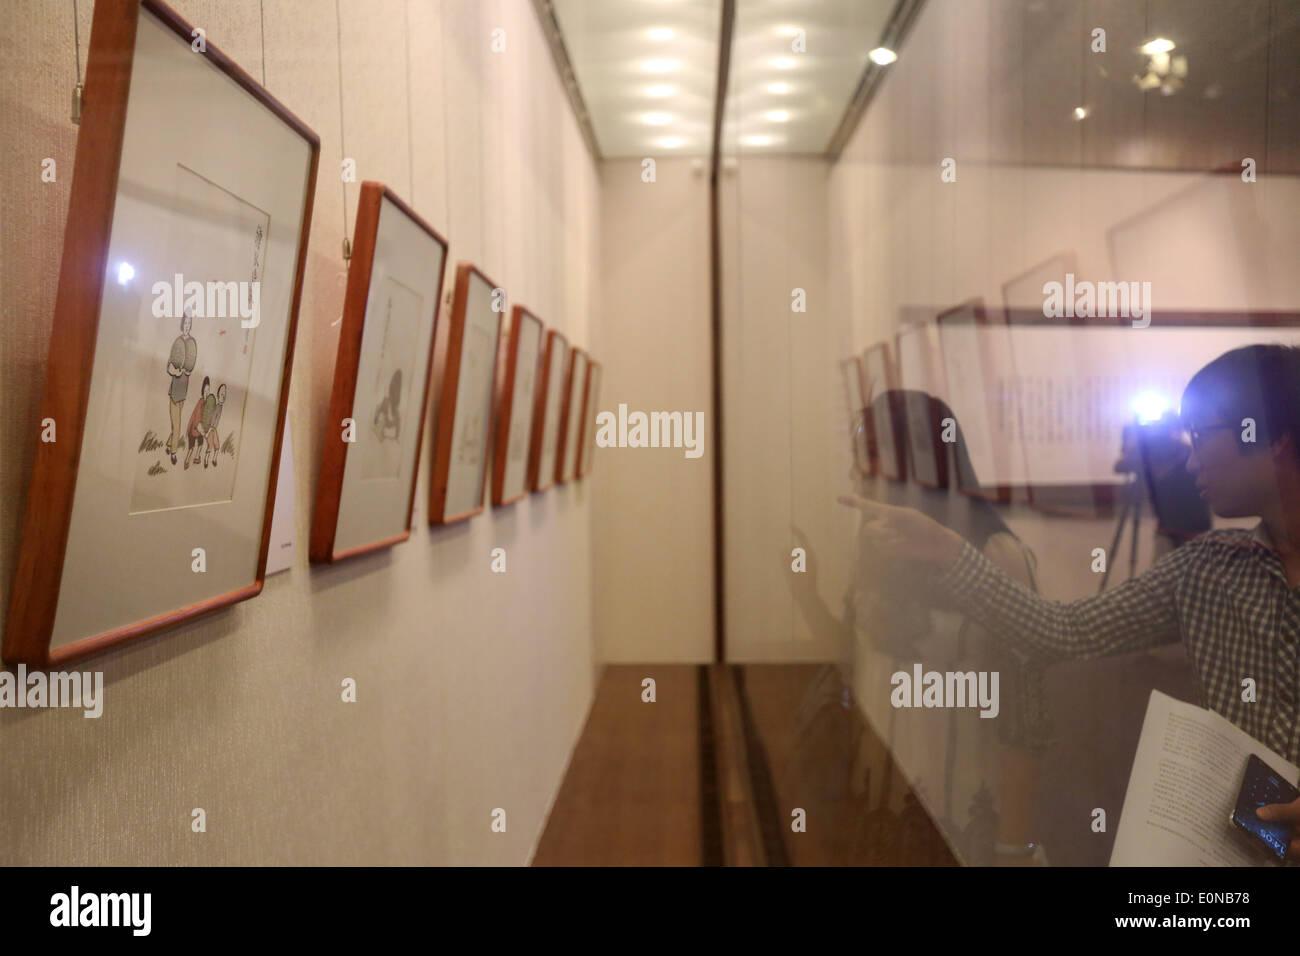 Shenyang, cinese della provincia di Liaoning. 16 Maggio, 2014. I giornalisti guarda le opere di Feng Zikai, un famoso fumettista cinese, durante l'anteprima di una mostra di Feng di opere d'arte di Shenyang, capitale del nord-est della Cina di provincia di Liaoning, 16 maggio 2014. La art show sarà aperto al pubblico il 18 maggio. © Yao Jianfeng/Xinhua/Alamy Live News Immagini Stock